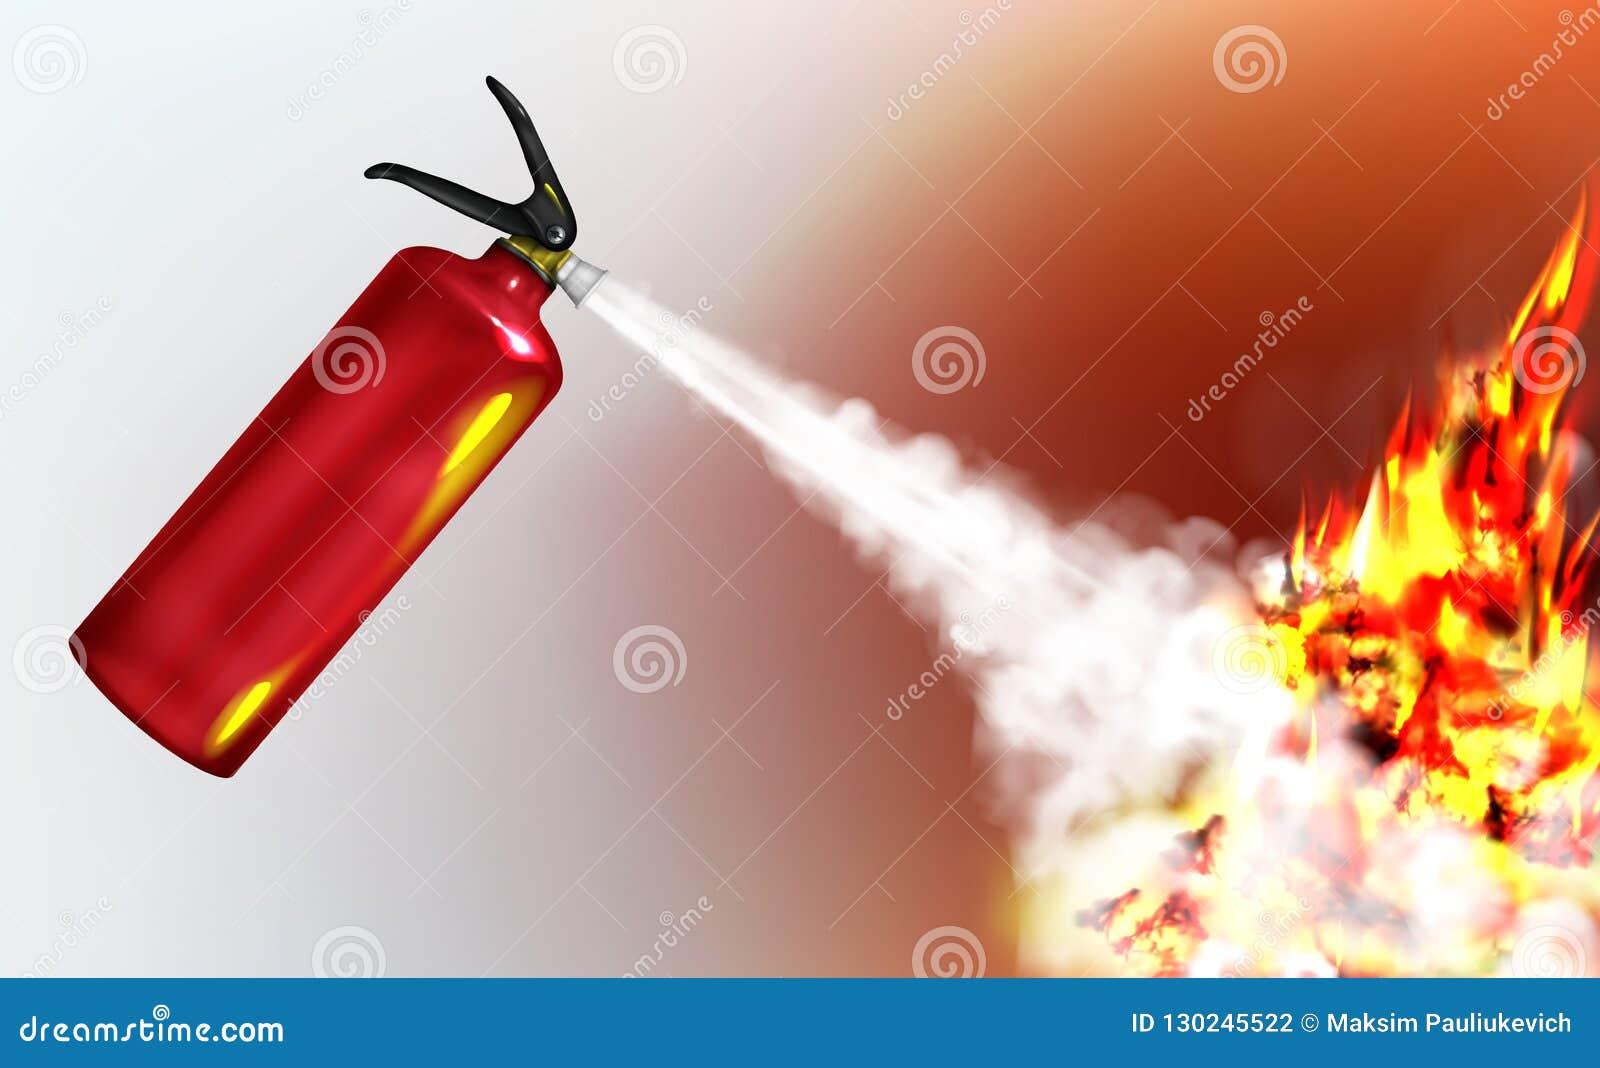 Брюнетку С Огнетушителем Пламя   Обойдет